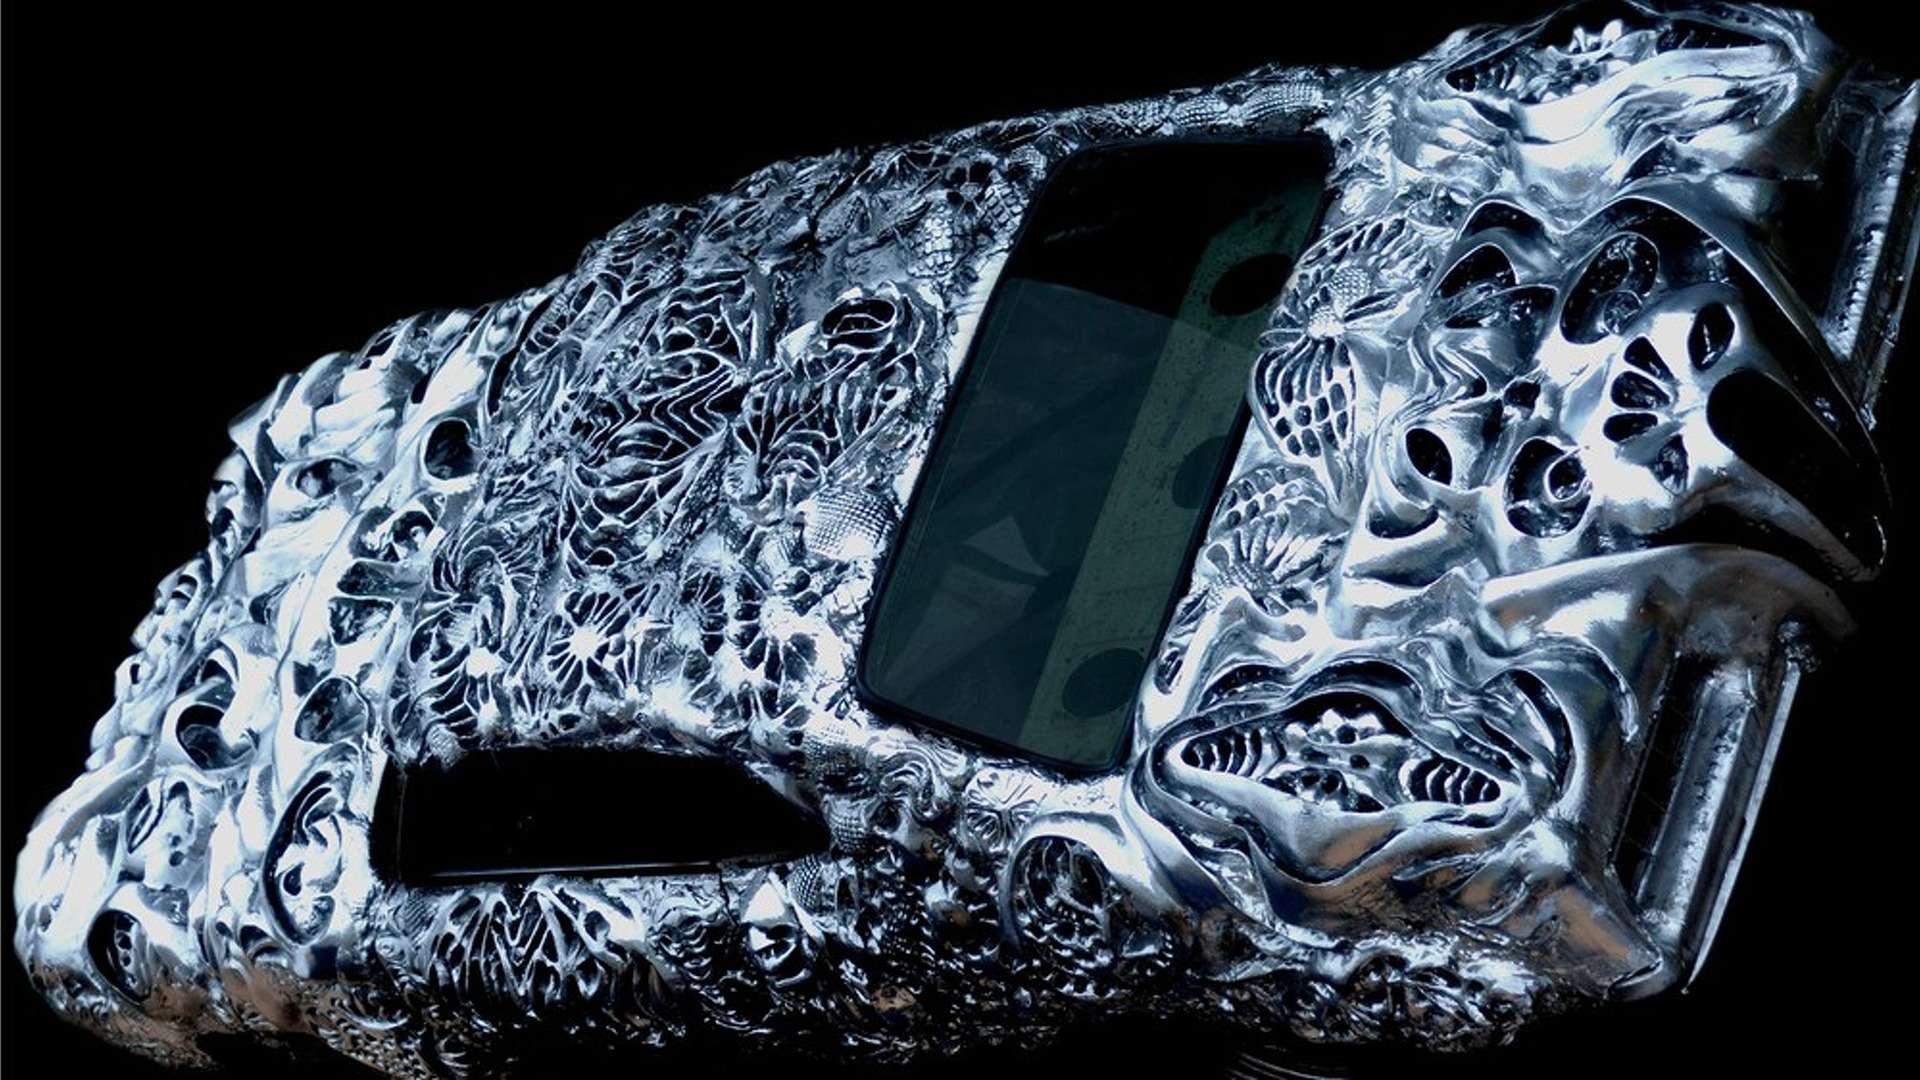 Автомобиль-ужас из3D-принтера: распечатал ипродал— фото 695691